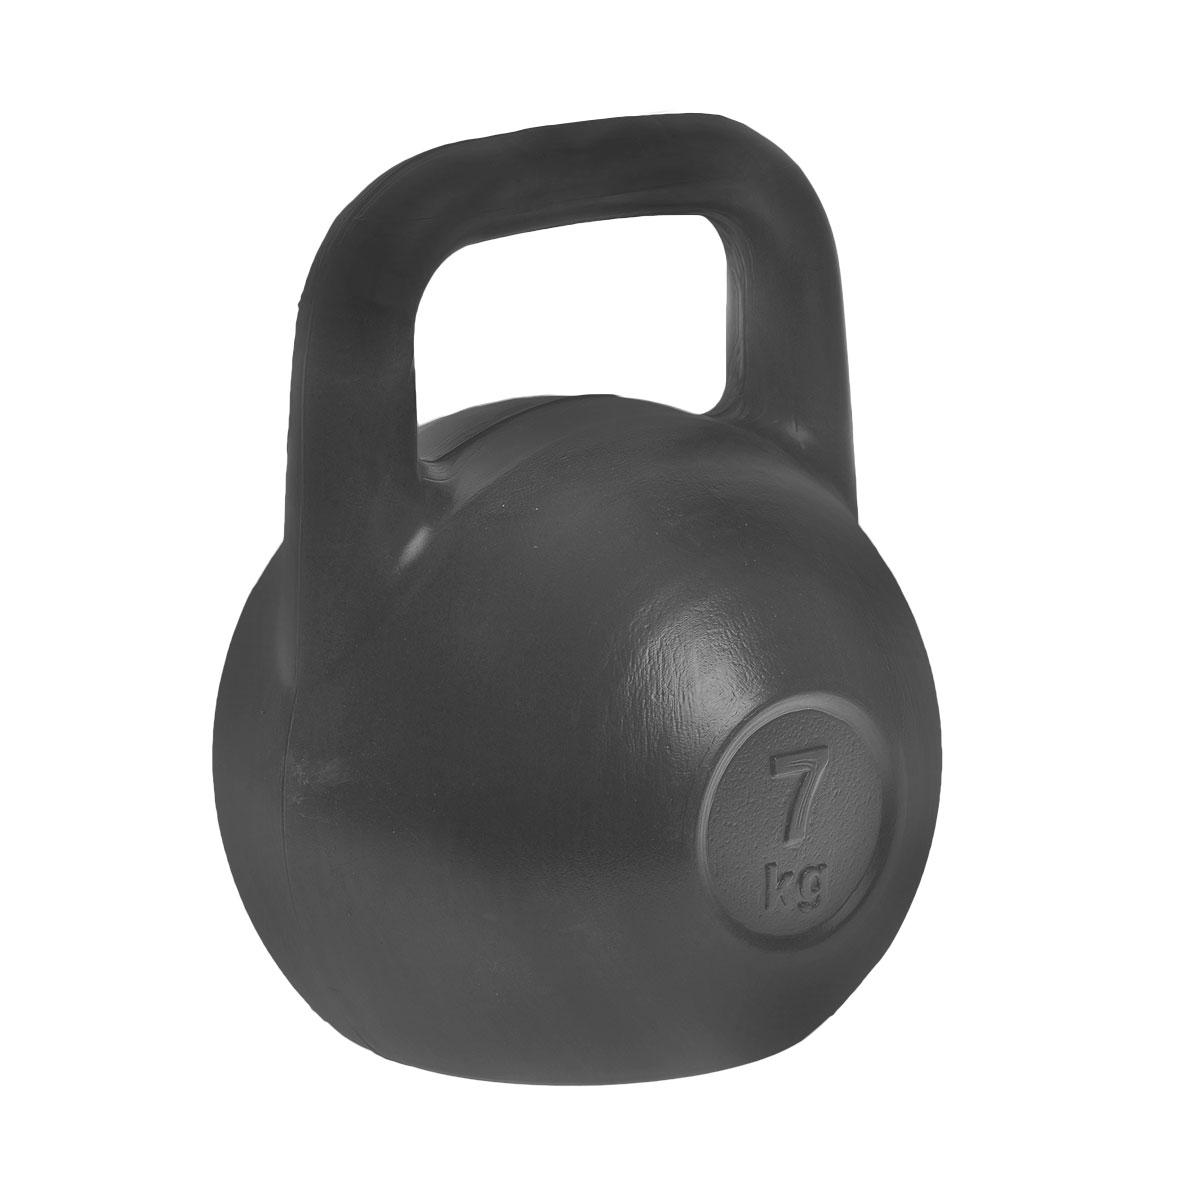 Гиря Евро-Классик, цвет: черный, 7 кг гиря цельнолитая 16 кг